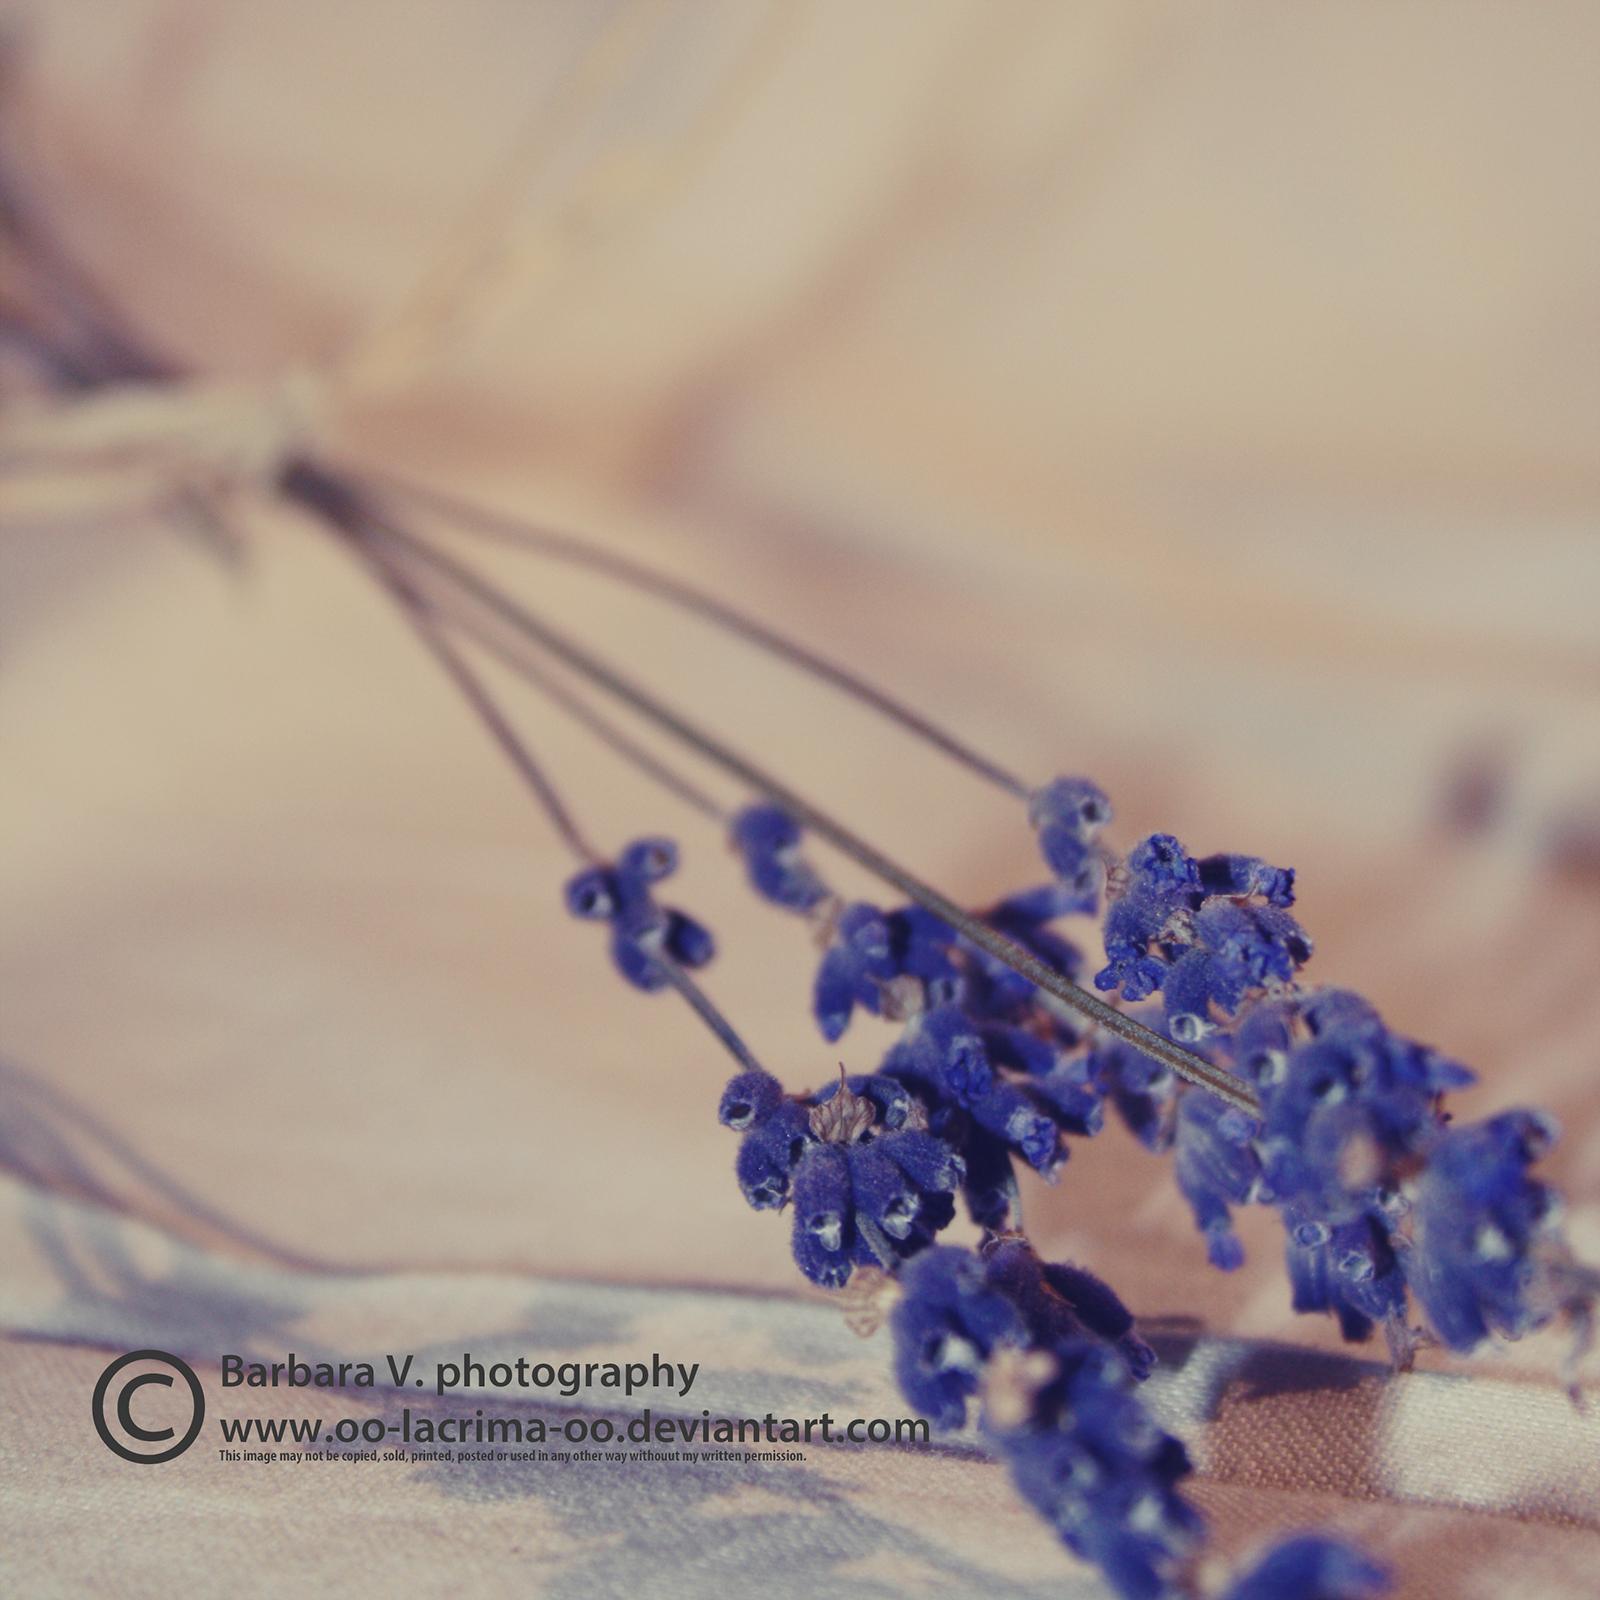 0254 by Oo-lacrima-oO